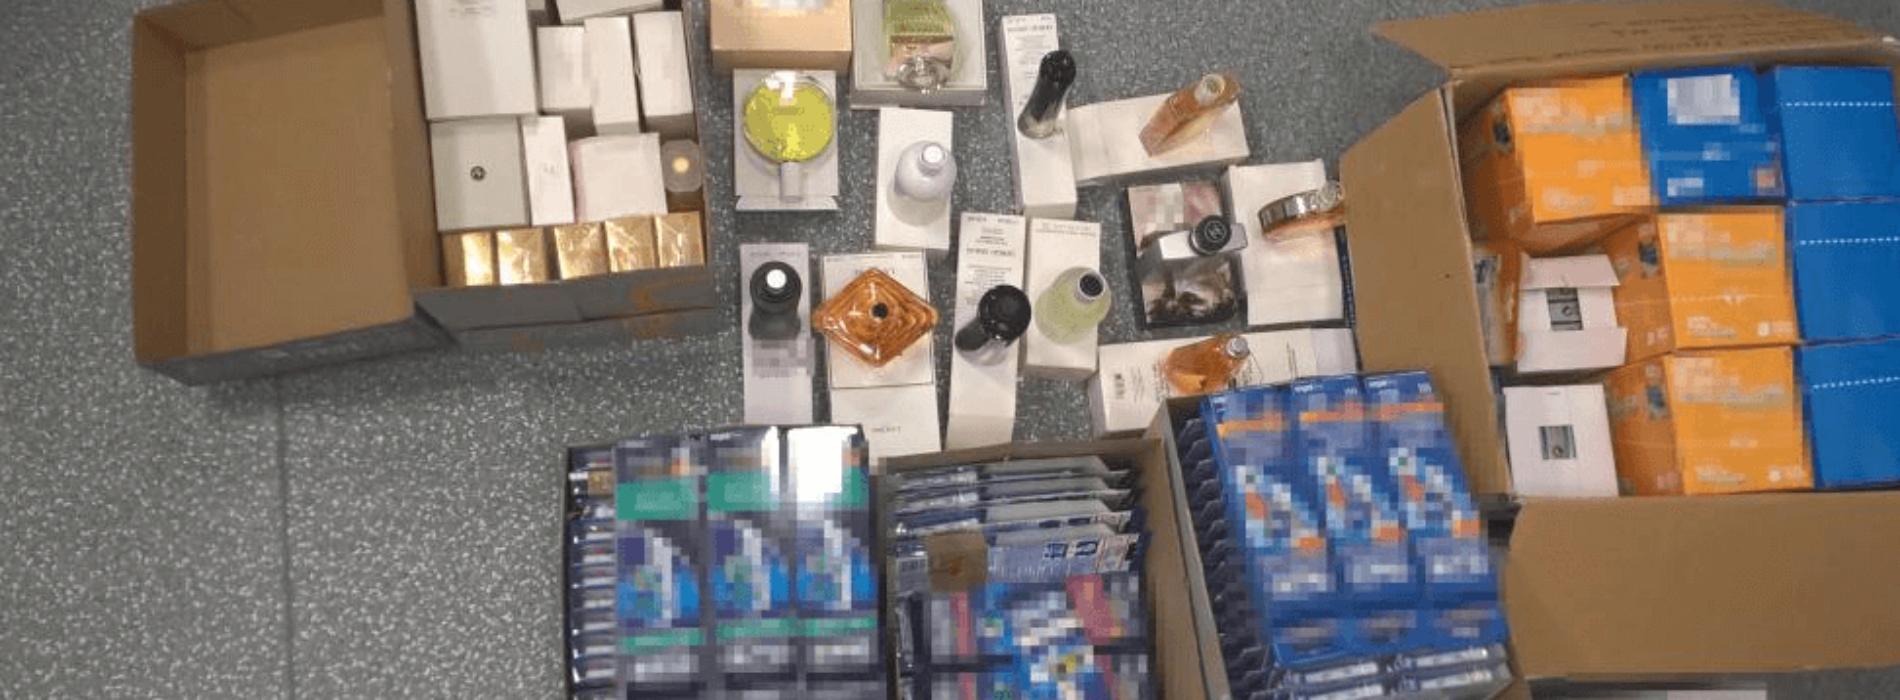 Policjanci udaremnili wprowadzenie na rynek podrobionego towaru